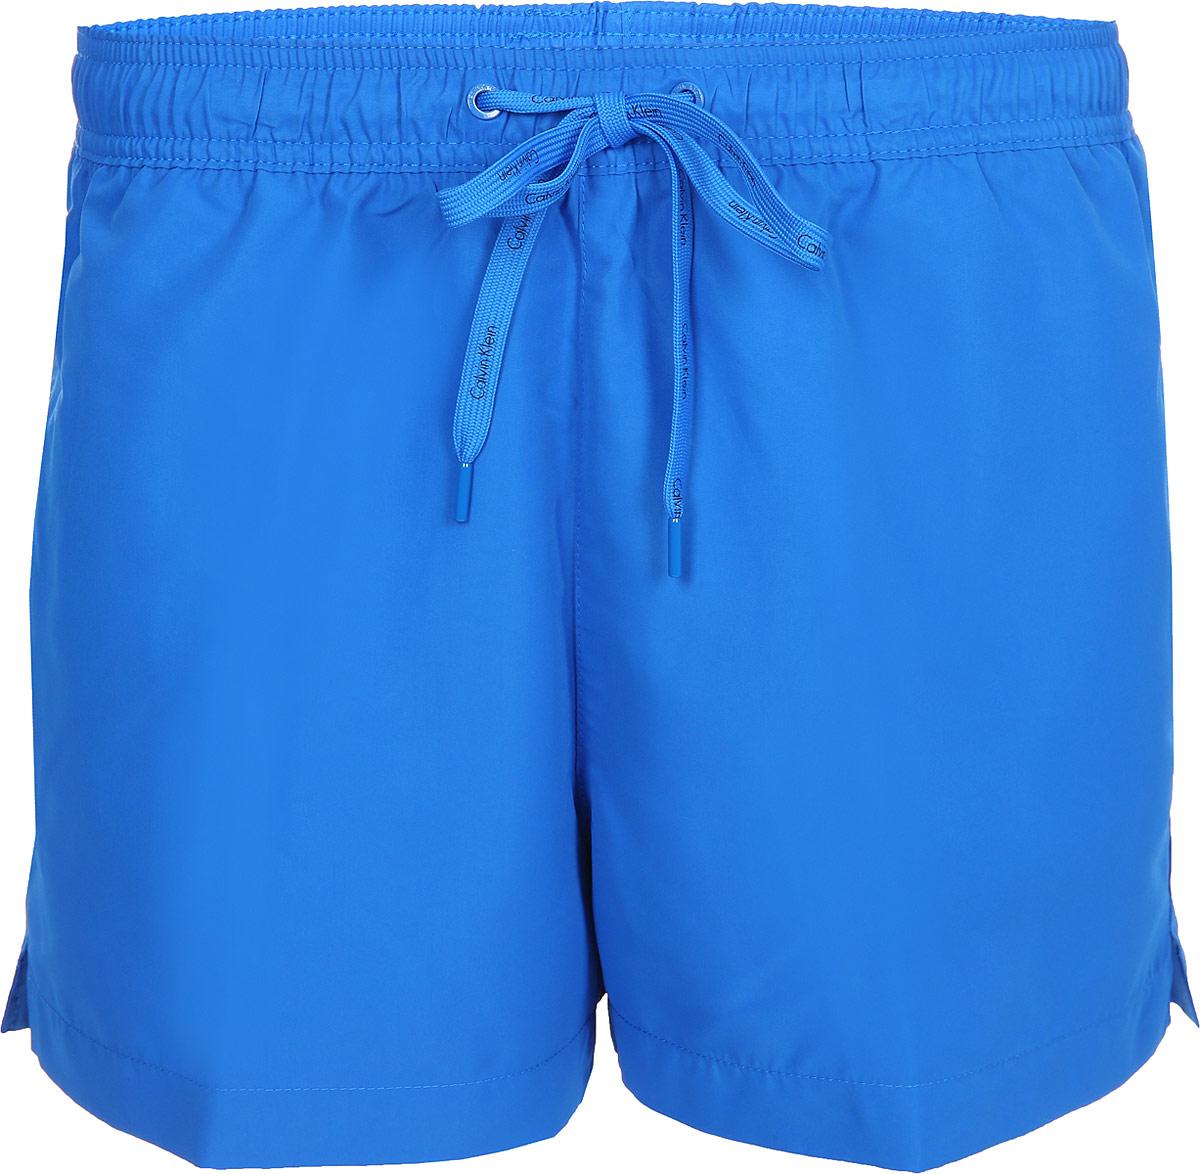 Шорты для плавания мужские Calvin Klein Underwear, цвет: синий. KM0KM00164_413. Размер XL (54)KM0KM00164_413Мужские шорты для плавания Calvin Klein Underwear выполнены из полиэстера. Изделие имеет широкую эластичную резинку на поясе. Объем талии регулируется при помощи шнурка. Шорты дополнены одним прорезным карманом сзади.